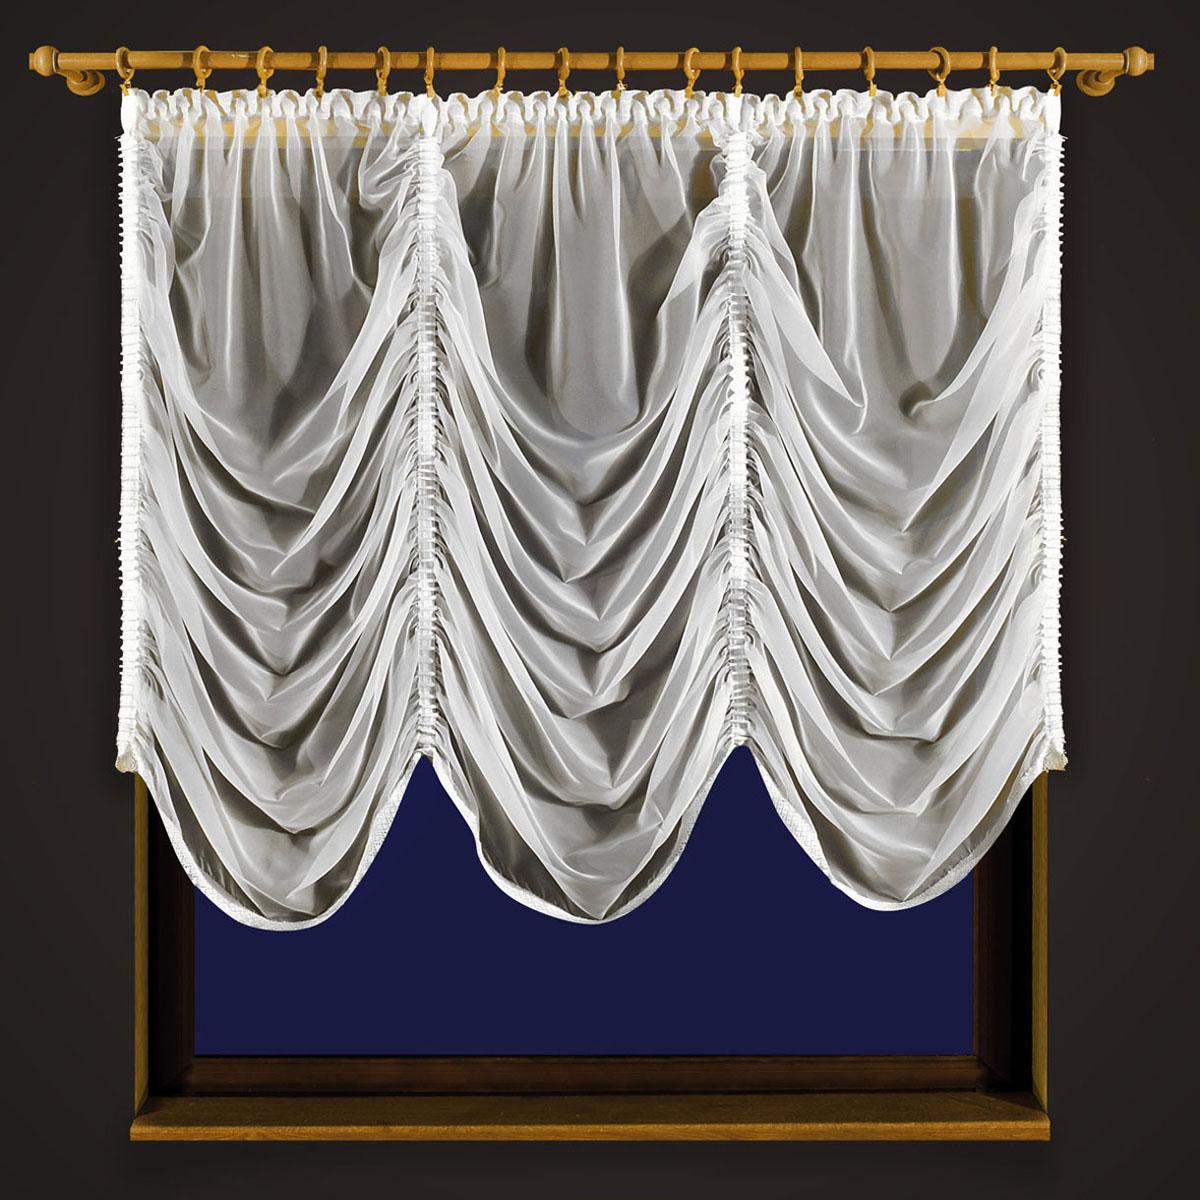 Гардина Zlata Korunka, цвет: белый, высота 250 см. 5560855608 белыйГардина Zlata Korunka, изготовленная из высококачественного полиэстера, станет великолепным украшением любого окна. Изделие из вуали выполнено по типу французской шторы. Вдоль полотна прошиты четыре туннеля, по которым гардина собирается гардина до нужных размеров. Оригинальная гардина внесет разнообразие и подарит заряд положительного настроения. Размер несобранного полотна: 250 х 250 см.